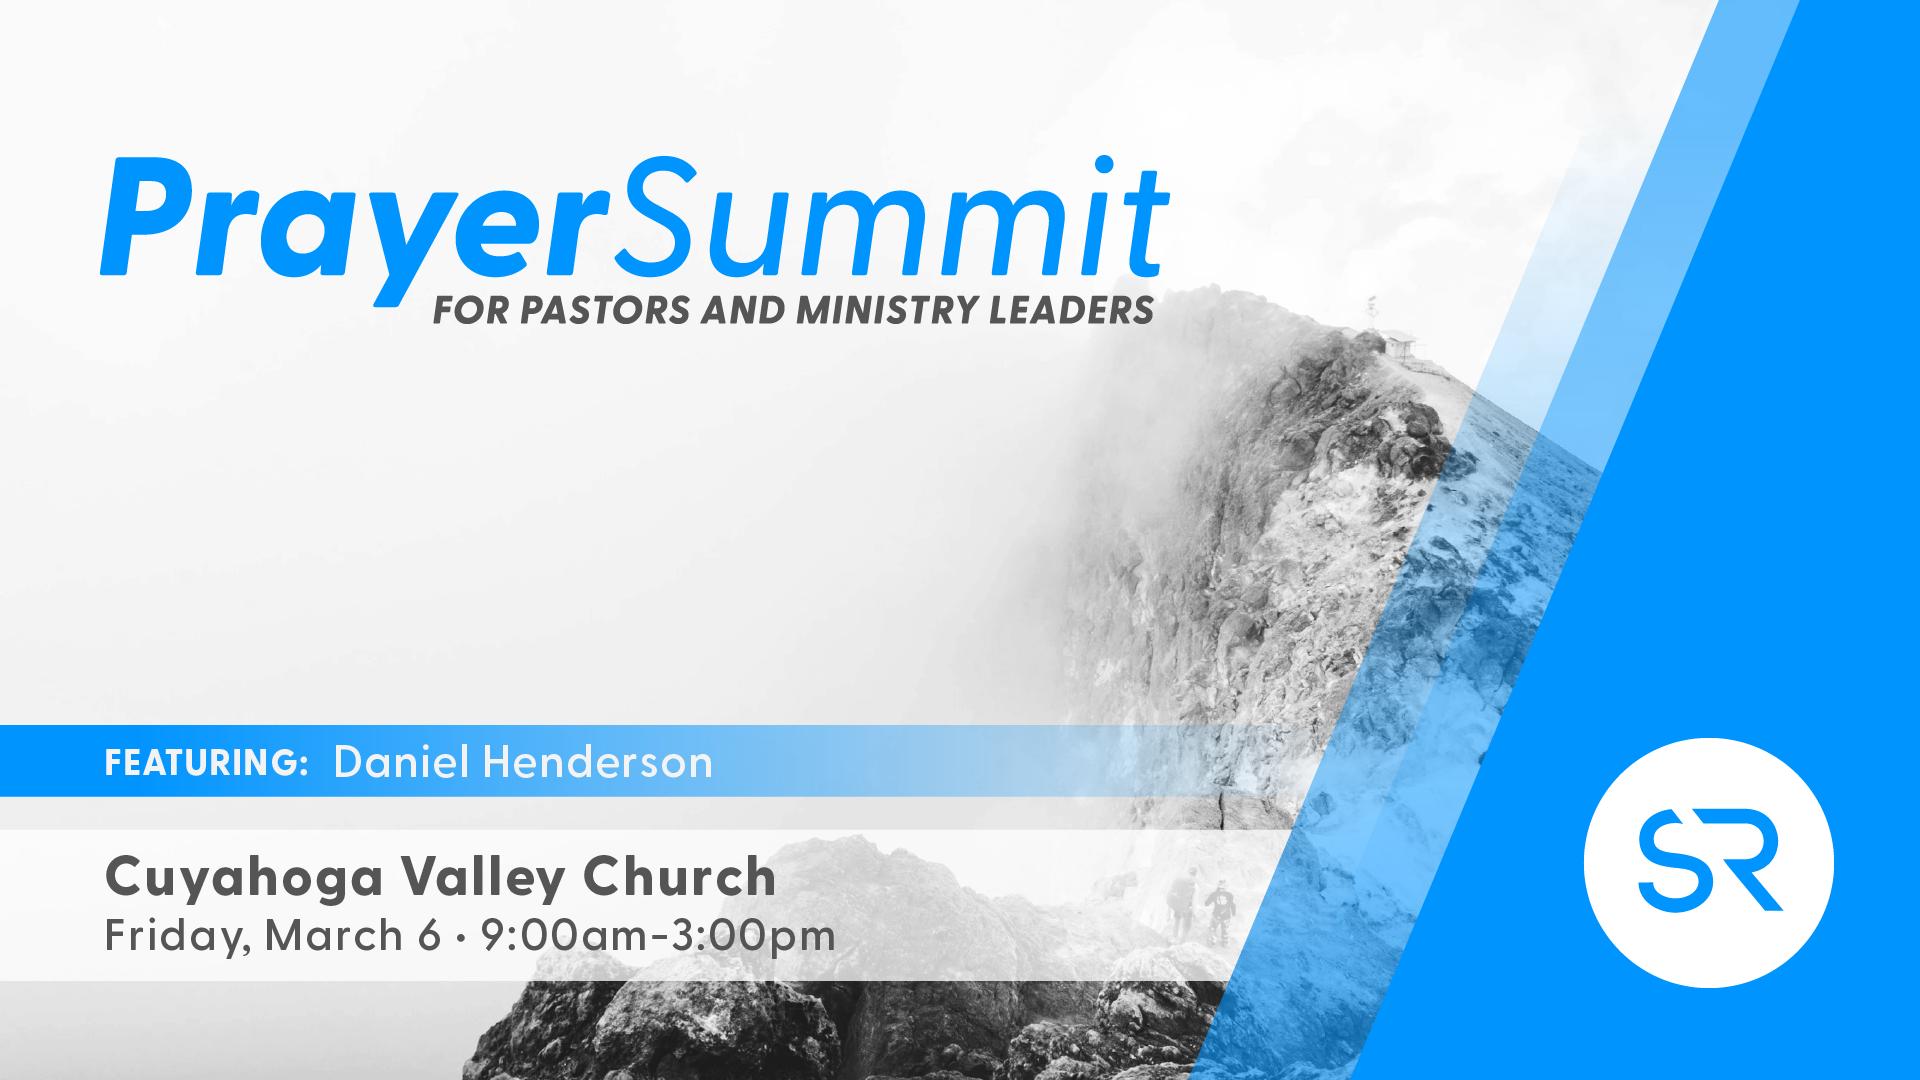 SR-regional-prayer-summit-ohio_v1.0-01.png